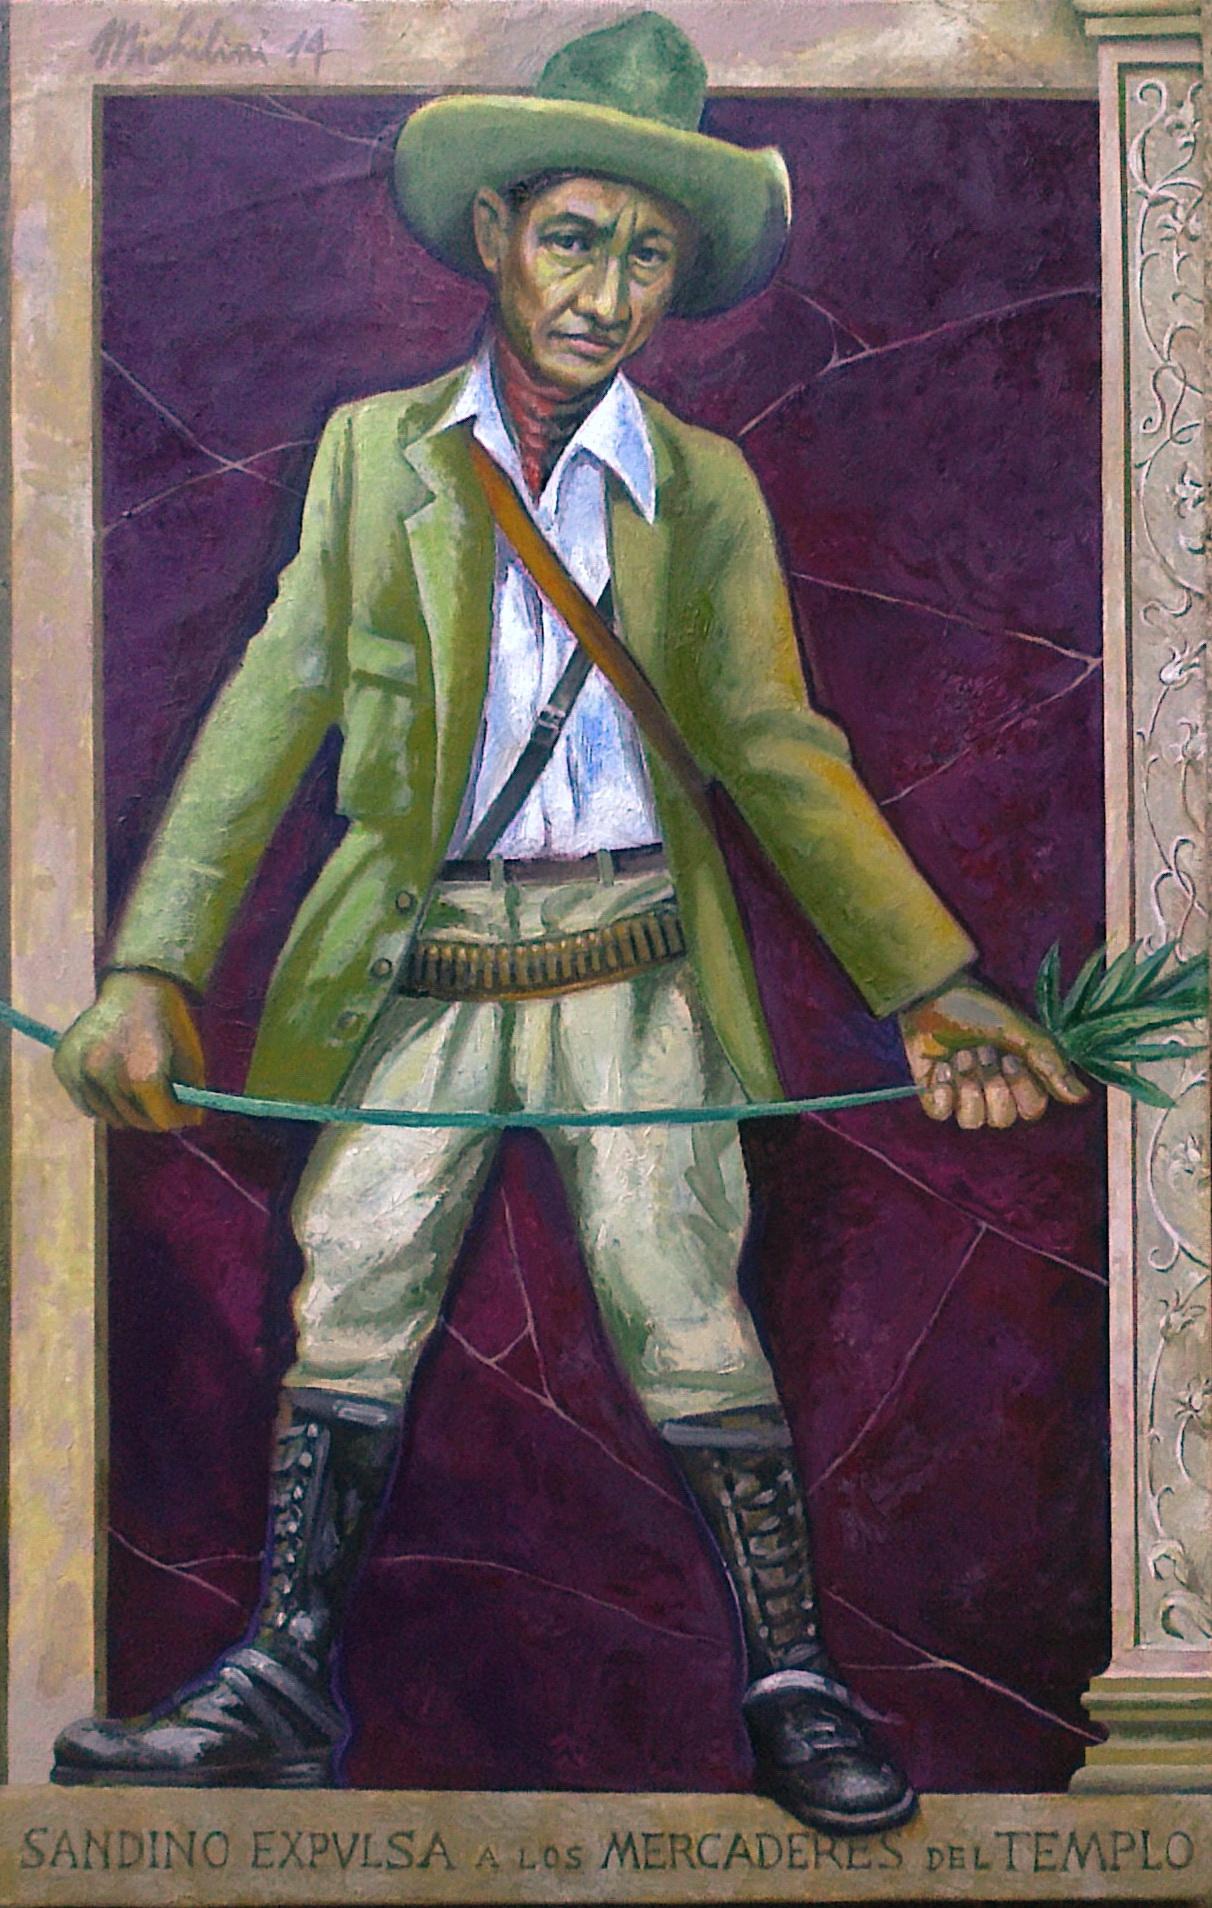 Sergio Michilini, SANDINO EXPULSA A LOS MERCADERES DEL TEMPLO, 2014, oleo sobre tela, cm.110x70